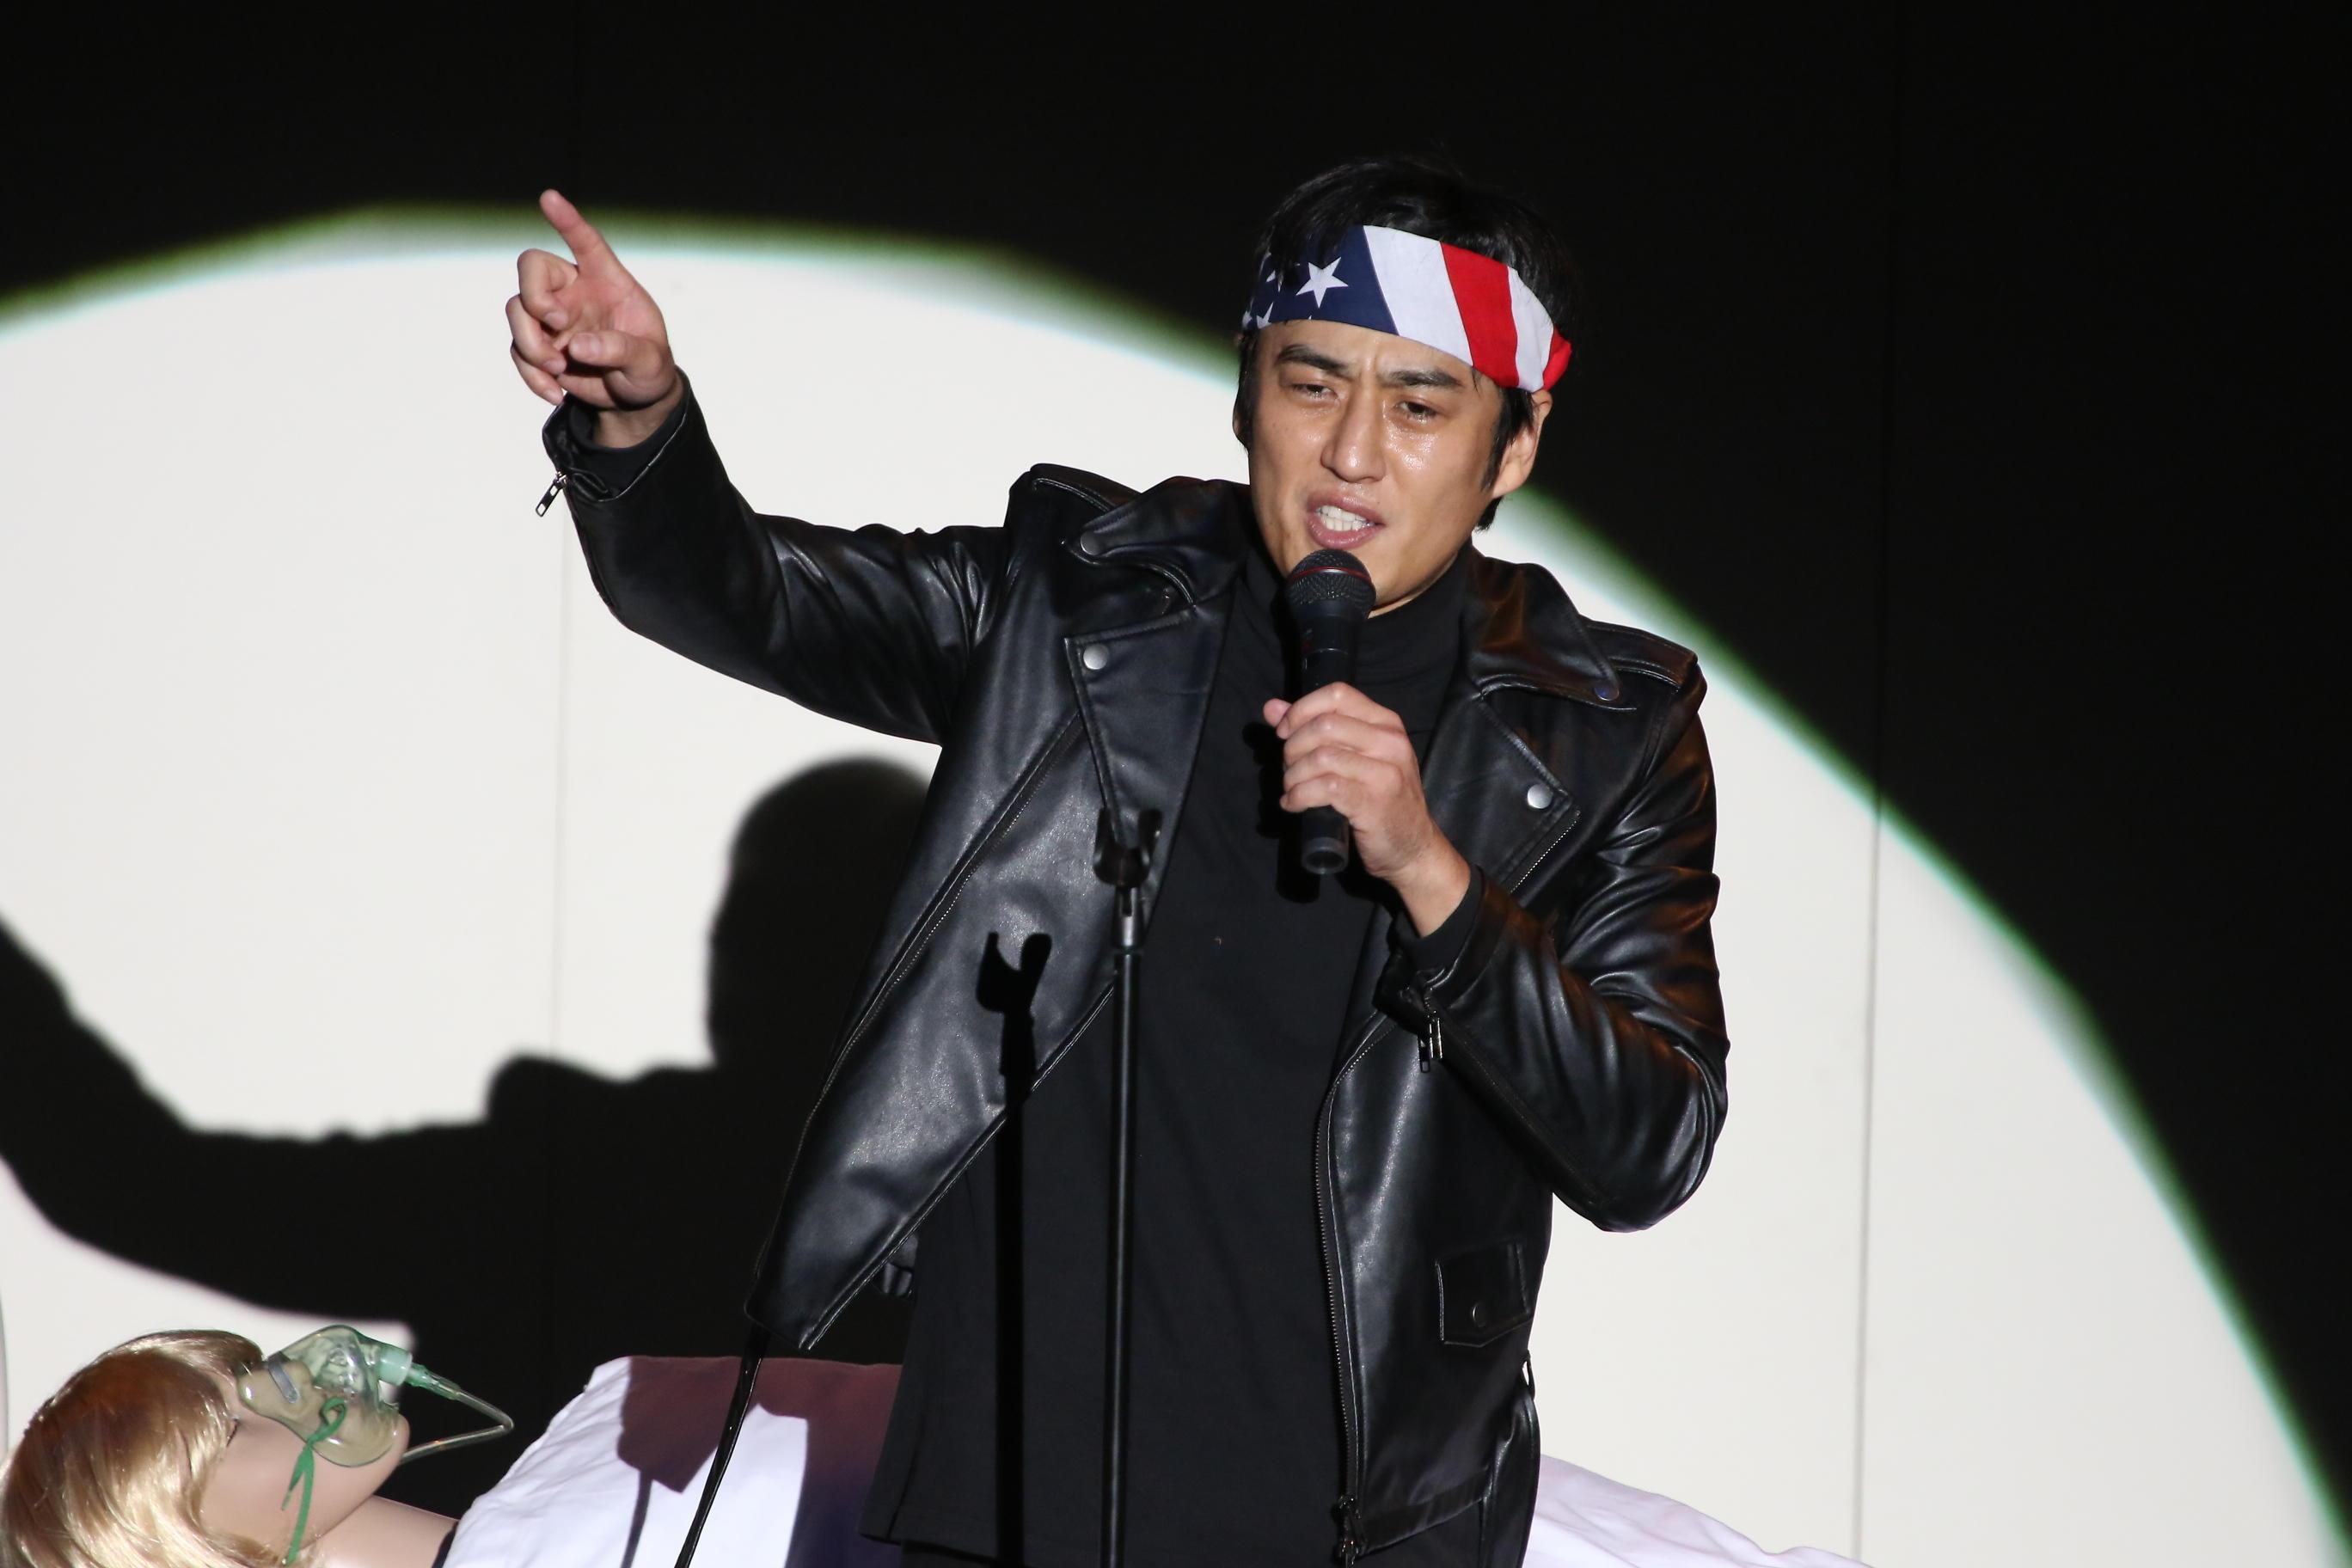 http://news.yoshimoto.co.jp/20190111102438-d4c305a17256dc1d4e439feebb096db8b4784611.jpg